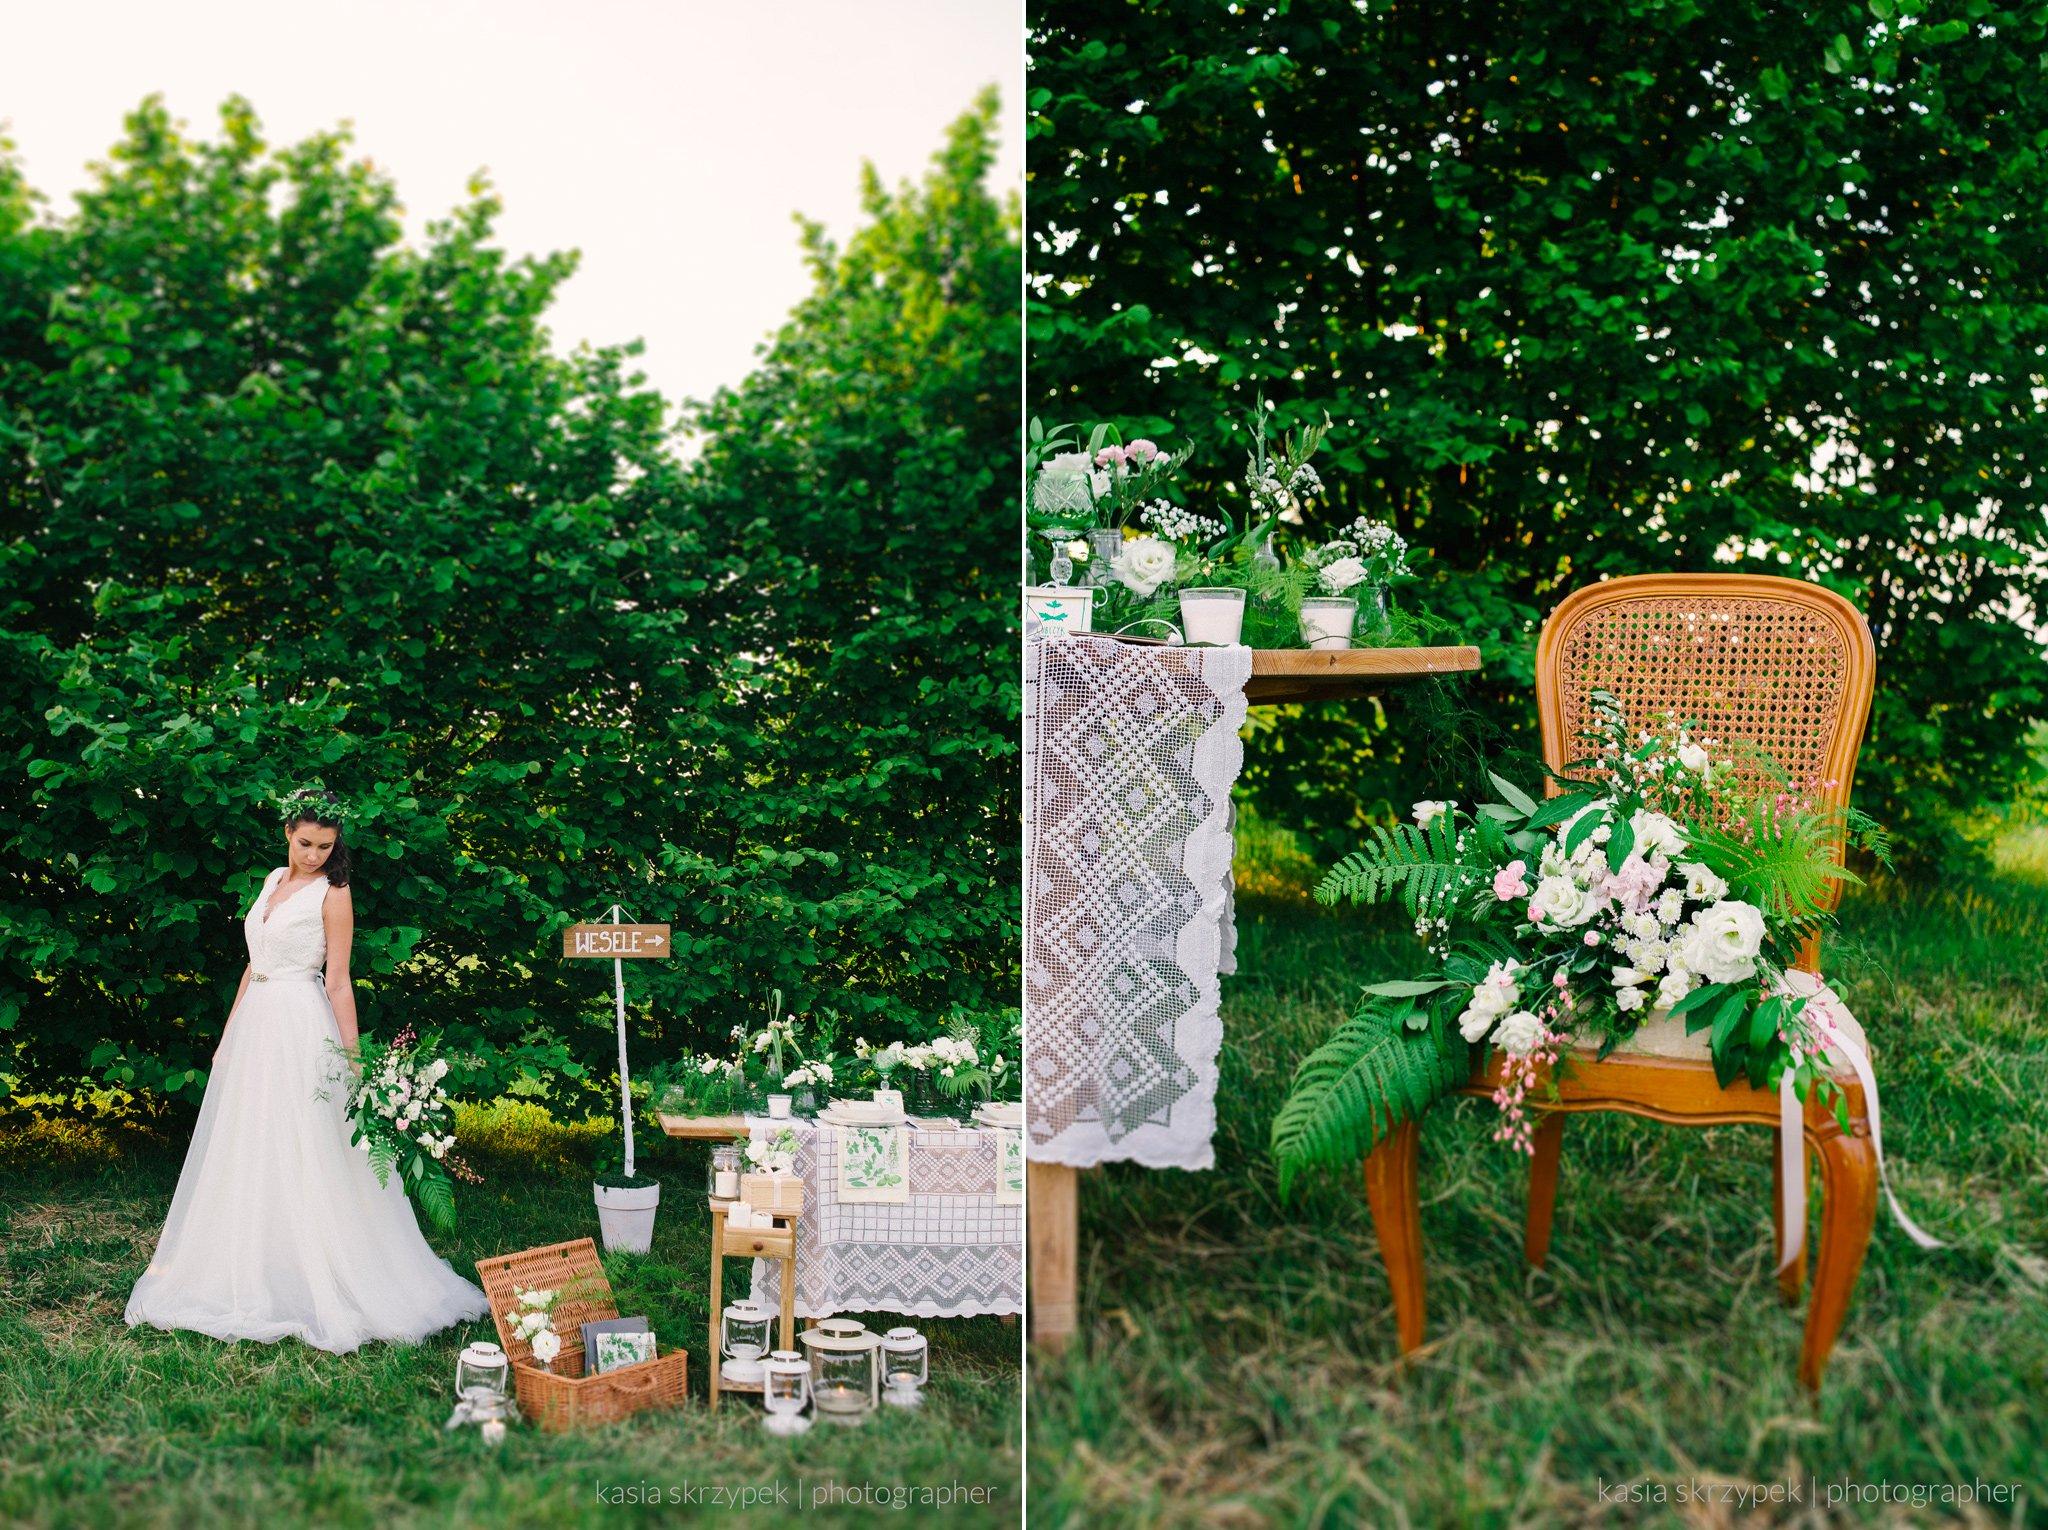 Blog-Botanical-Wedding-Styled-Shoot-32